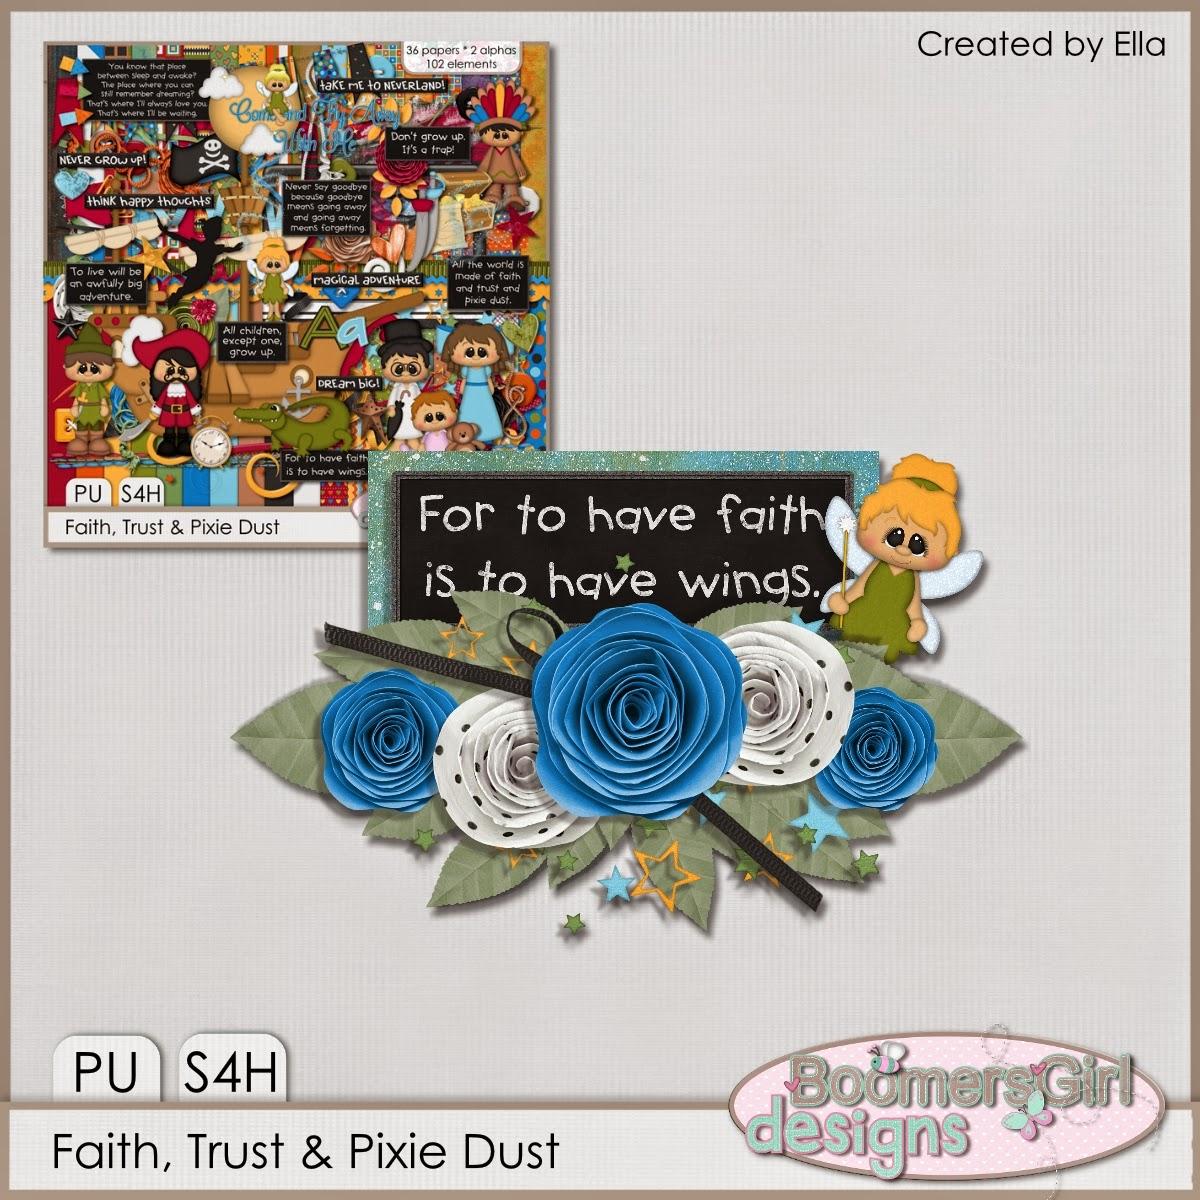 http://1.bp.blogspot.com/-RzeV7perJAE/VTUGRRgbriI/AAAAAAAA5_c/HpSqvhHpIhs/s1600/BGD_Cluster_Faith.jpg